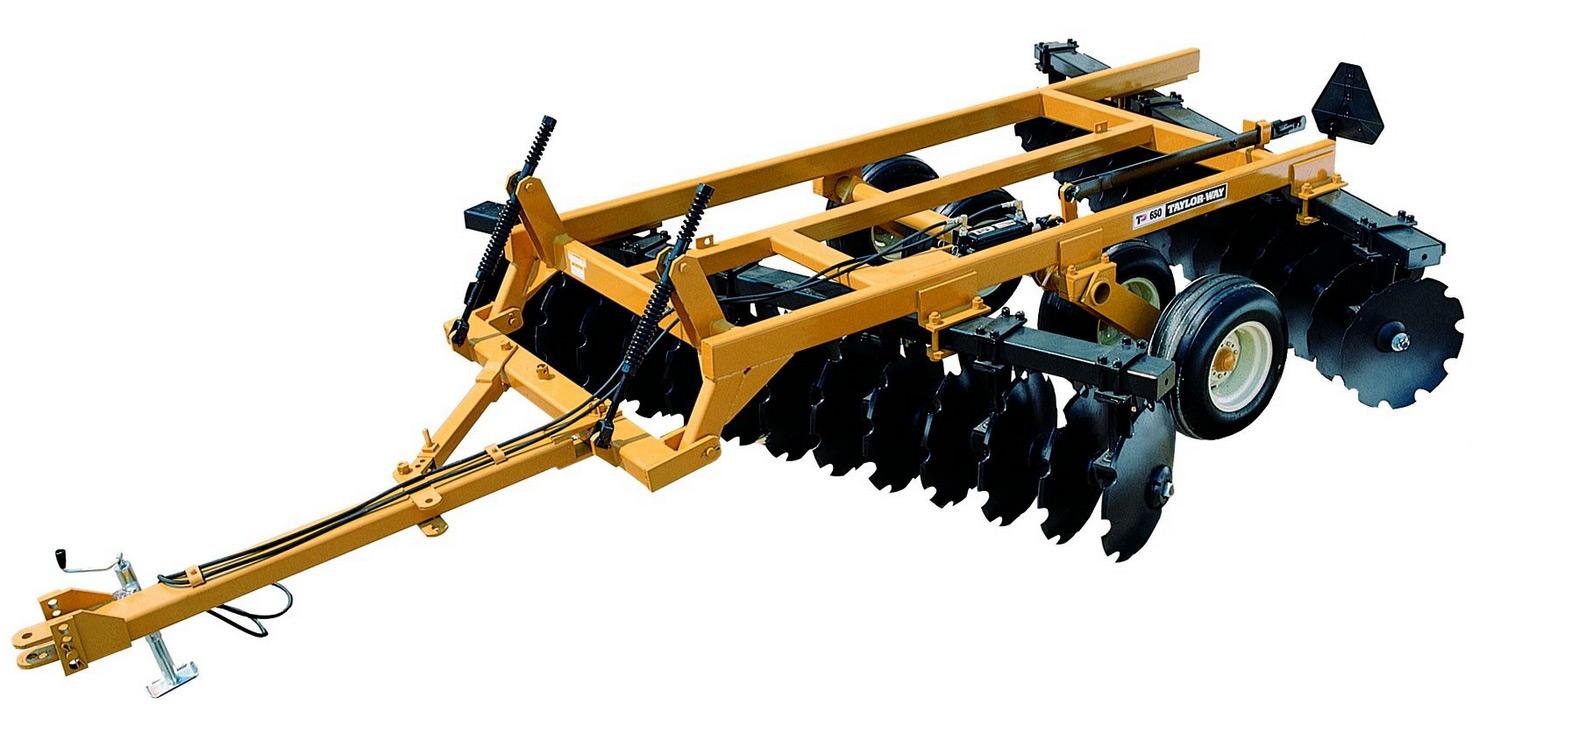 sno way wiring diagrams mtd meyer plow pump parts diagram